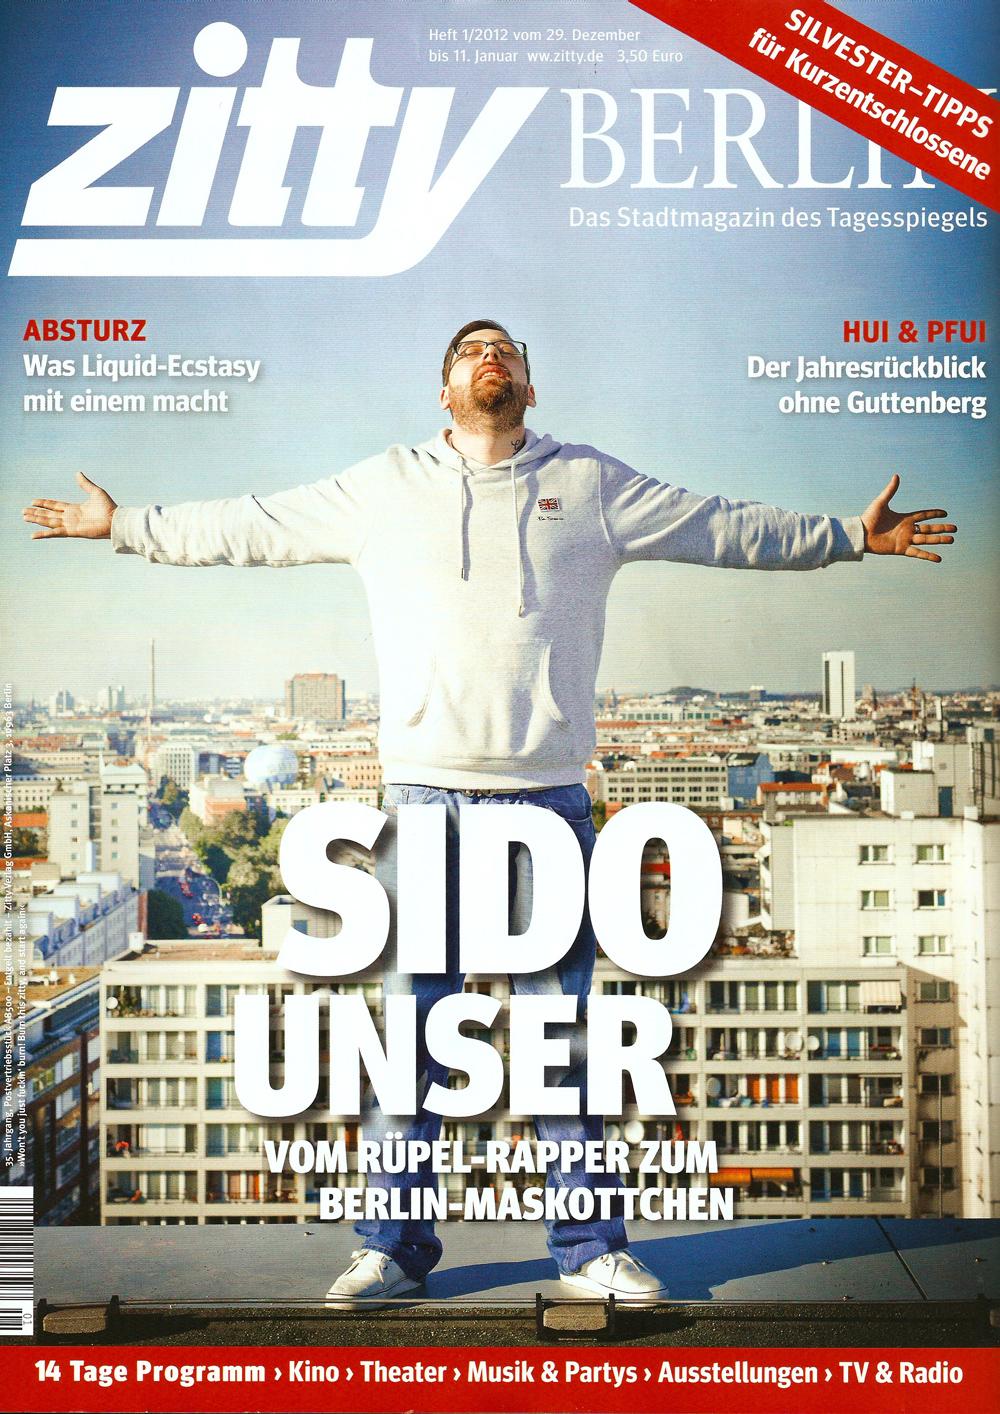 SIDO geboren um frei zu sein - Cover - Zitty Berlin 01/2012